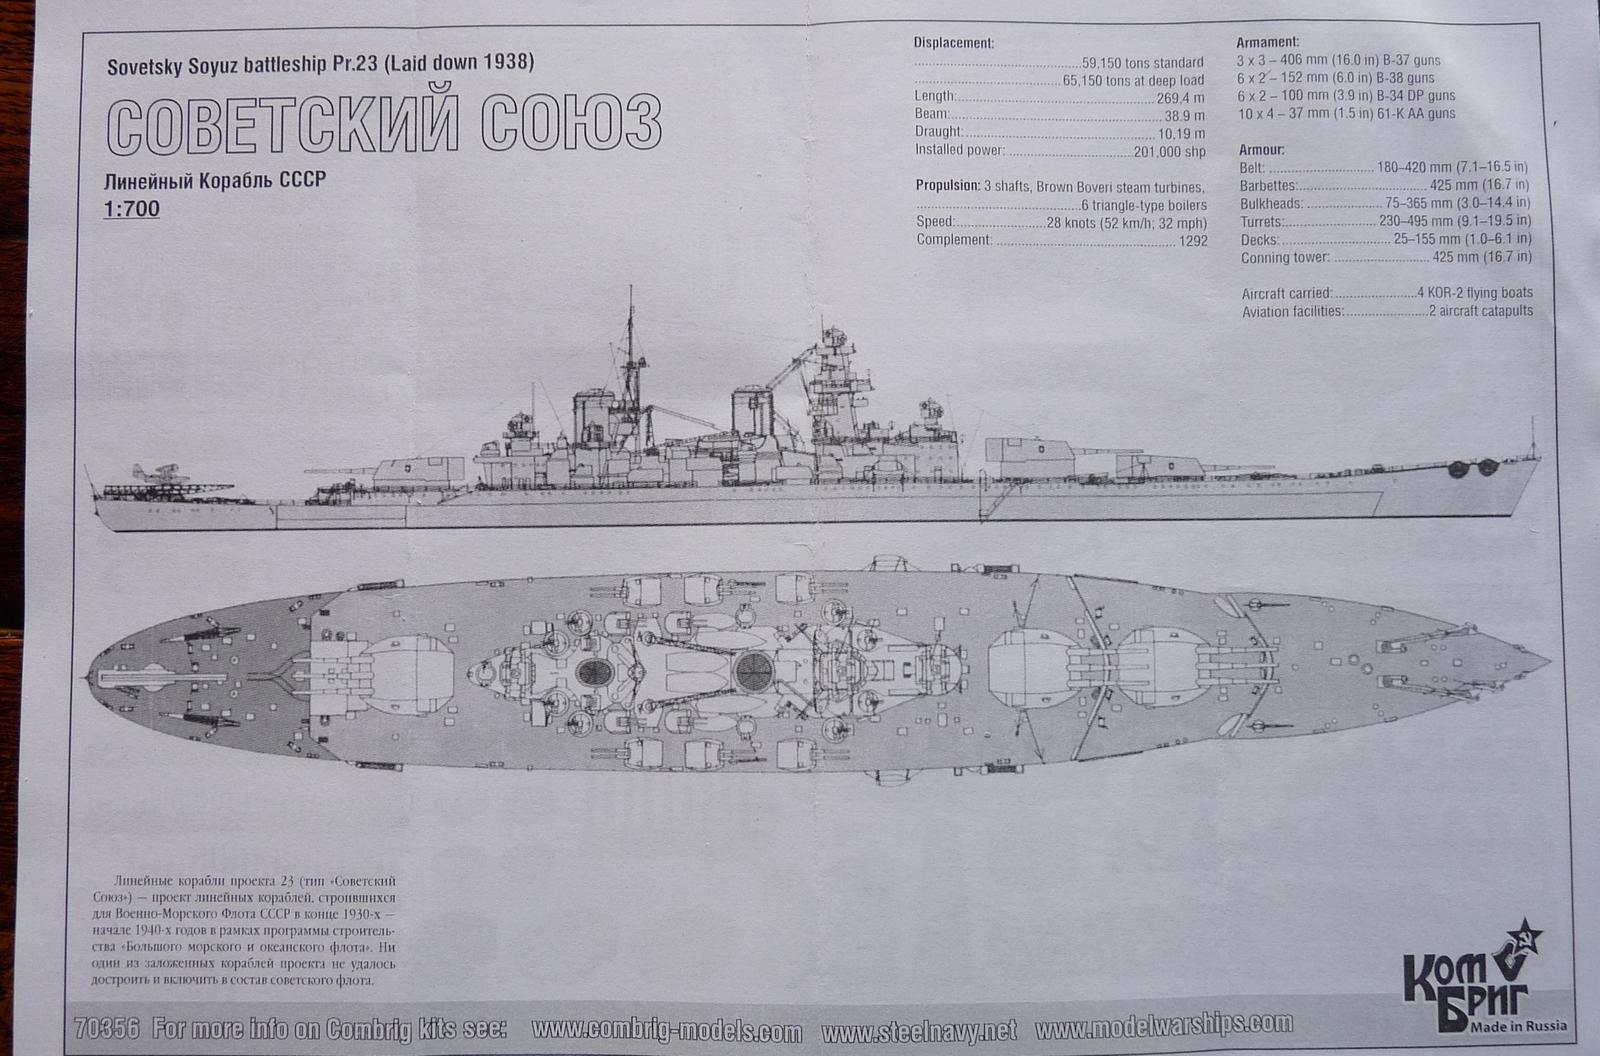 """[Sovetsky Soyouz] Cuirassé """"never were"""" soviétique - Combrig 700e 17072101134023134915159484"""